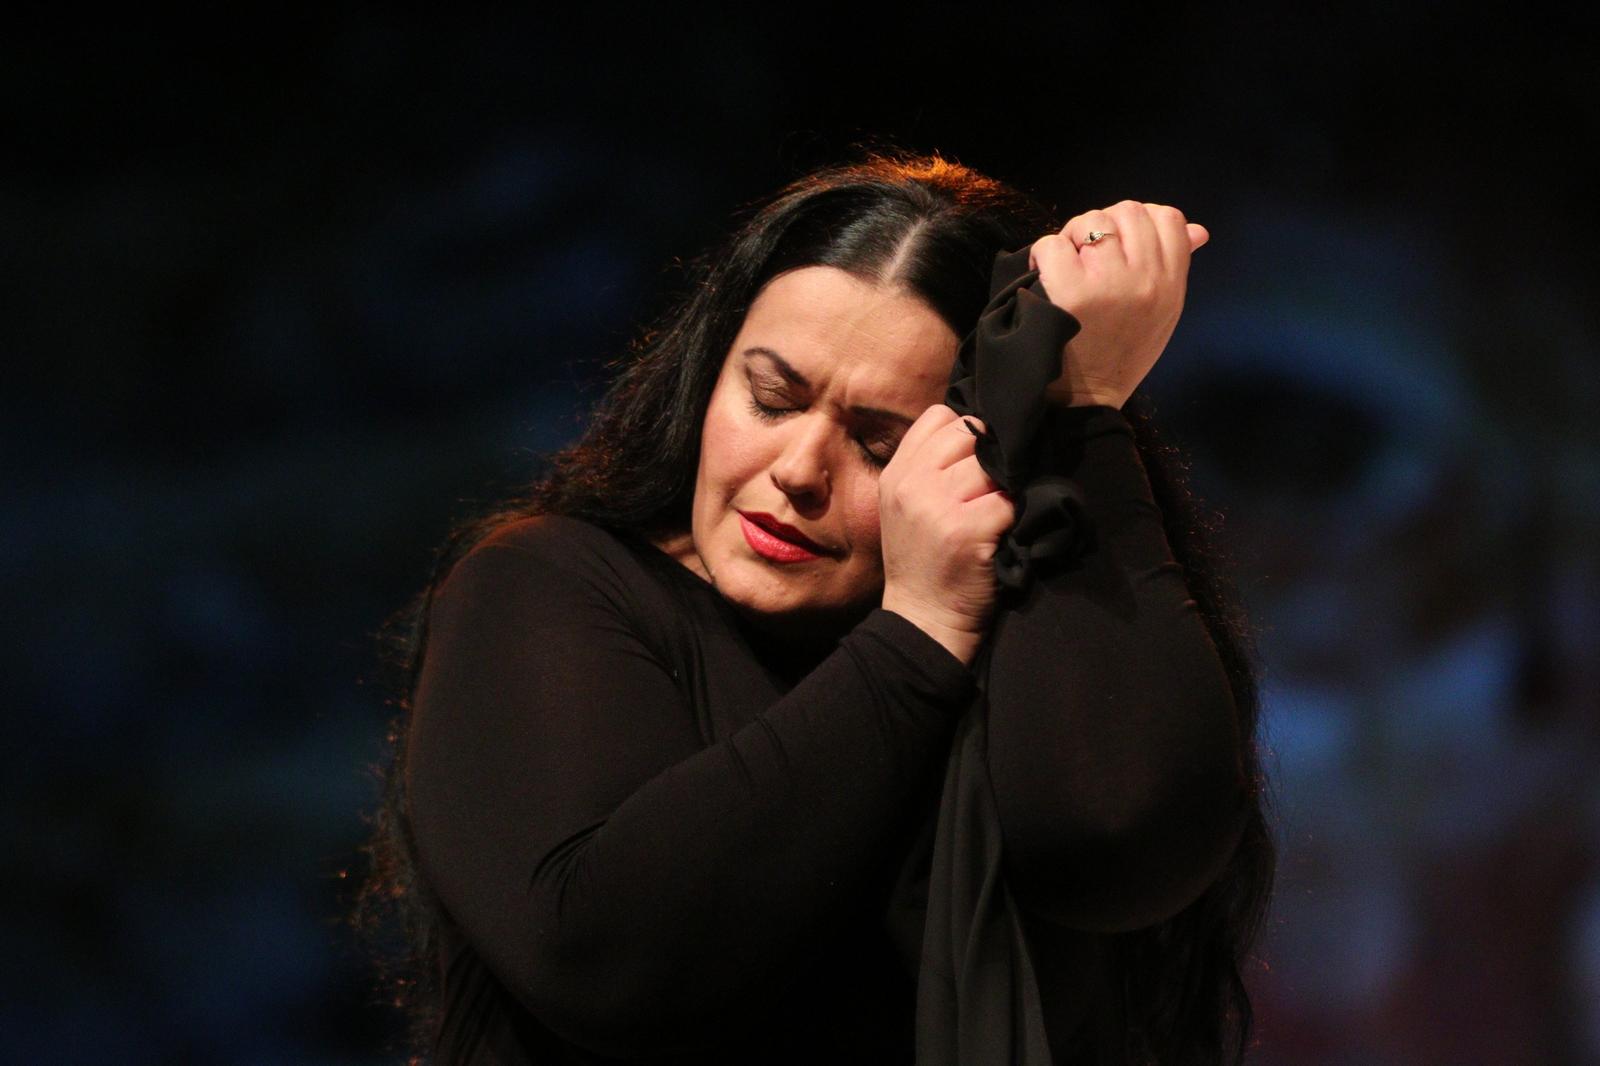 Premijera opere 'Cavalleria rusticana' u riječkom HNK-u